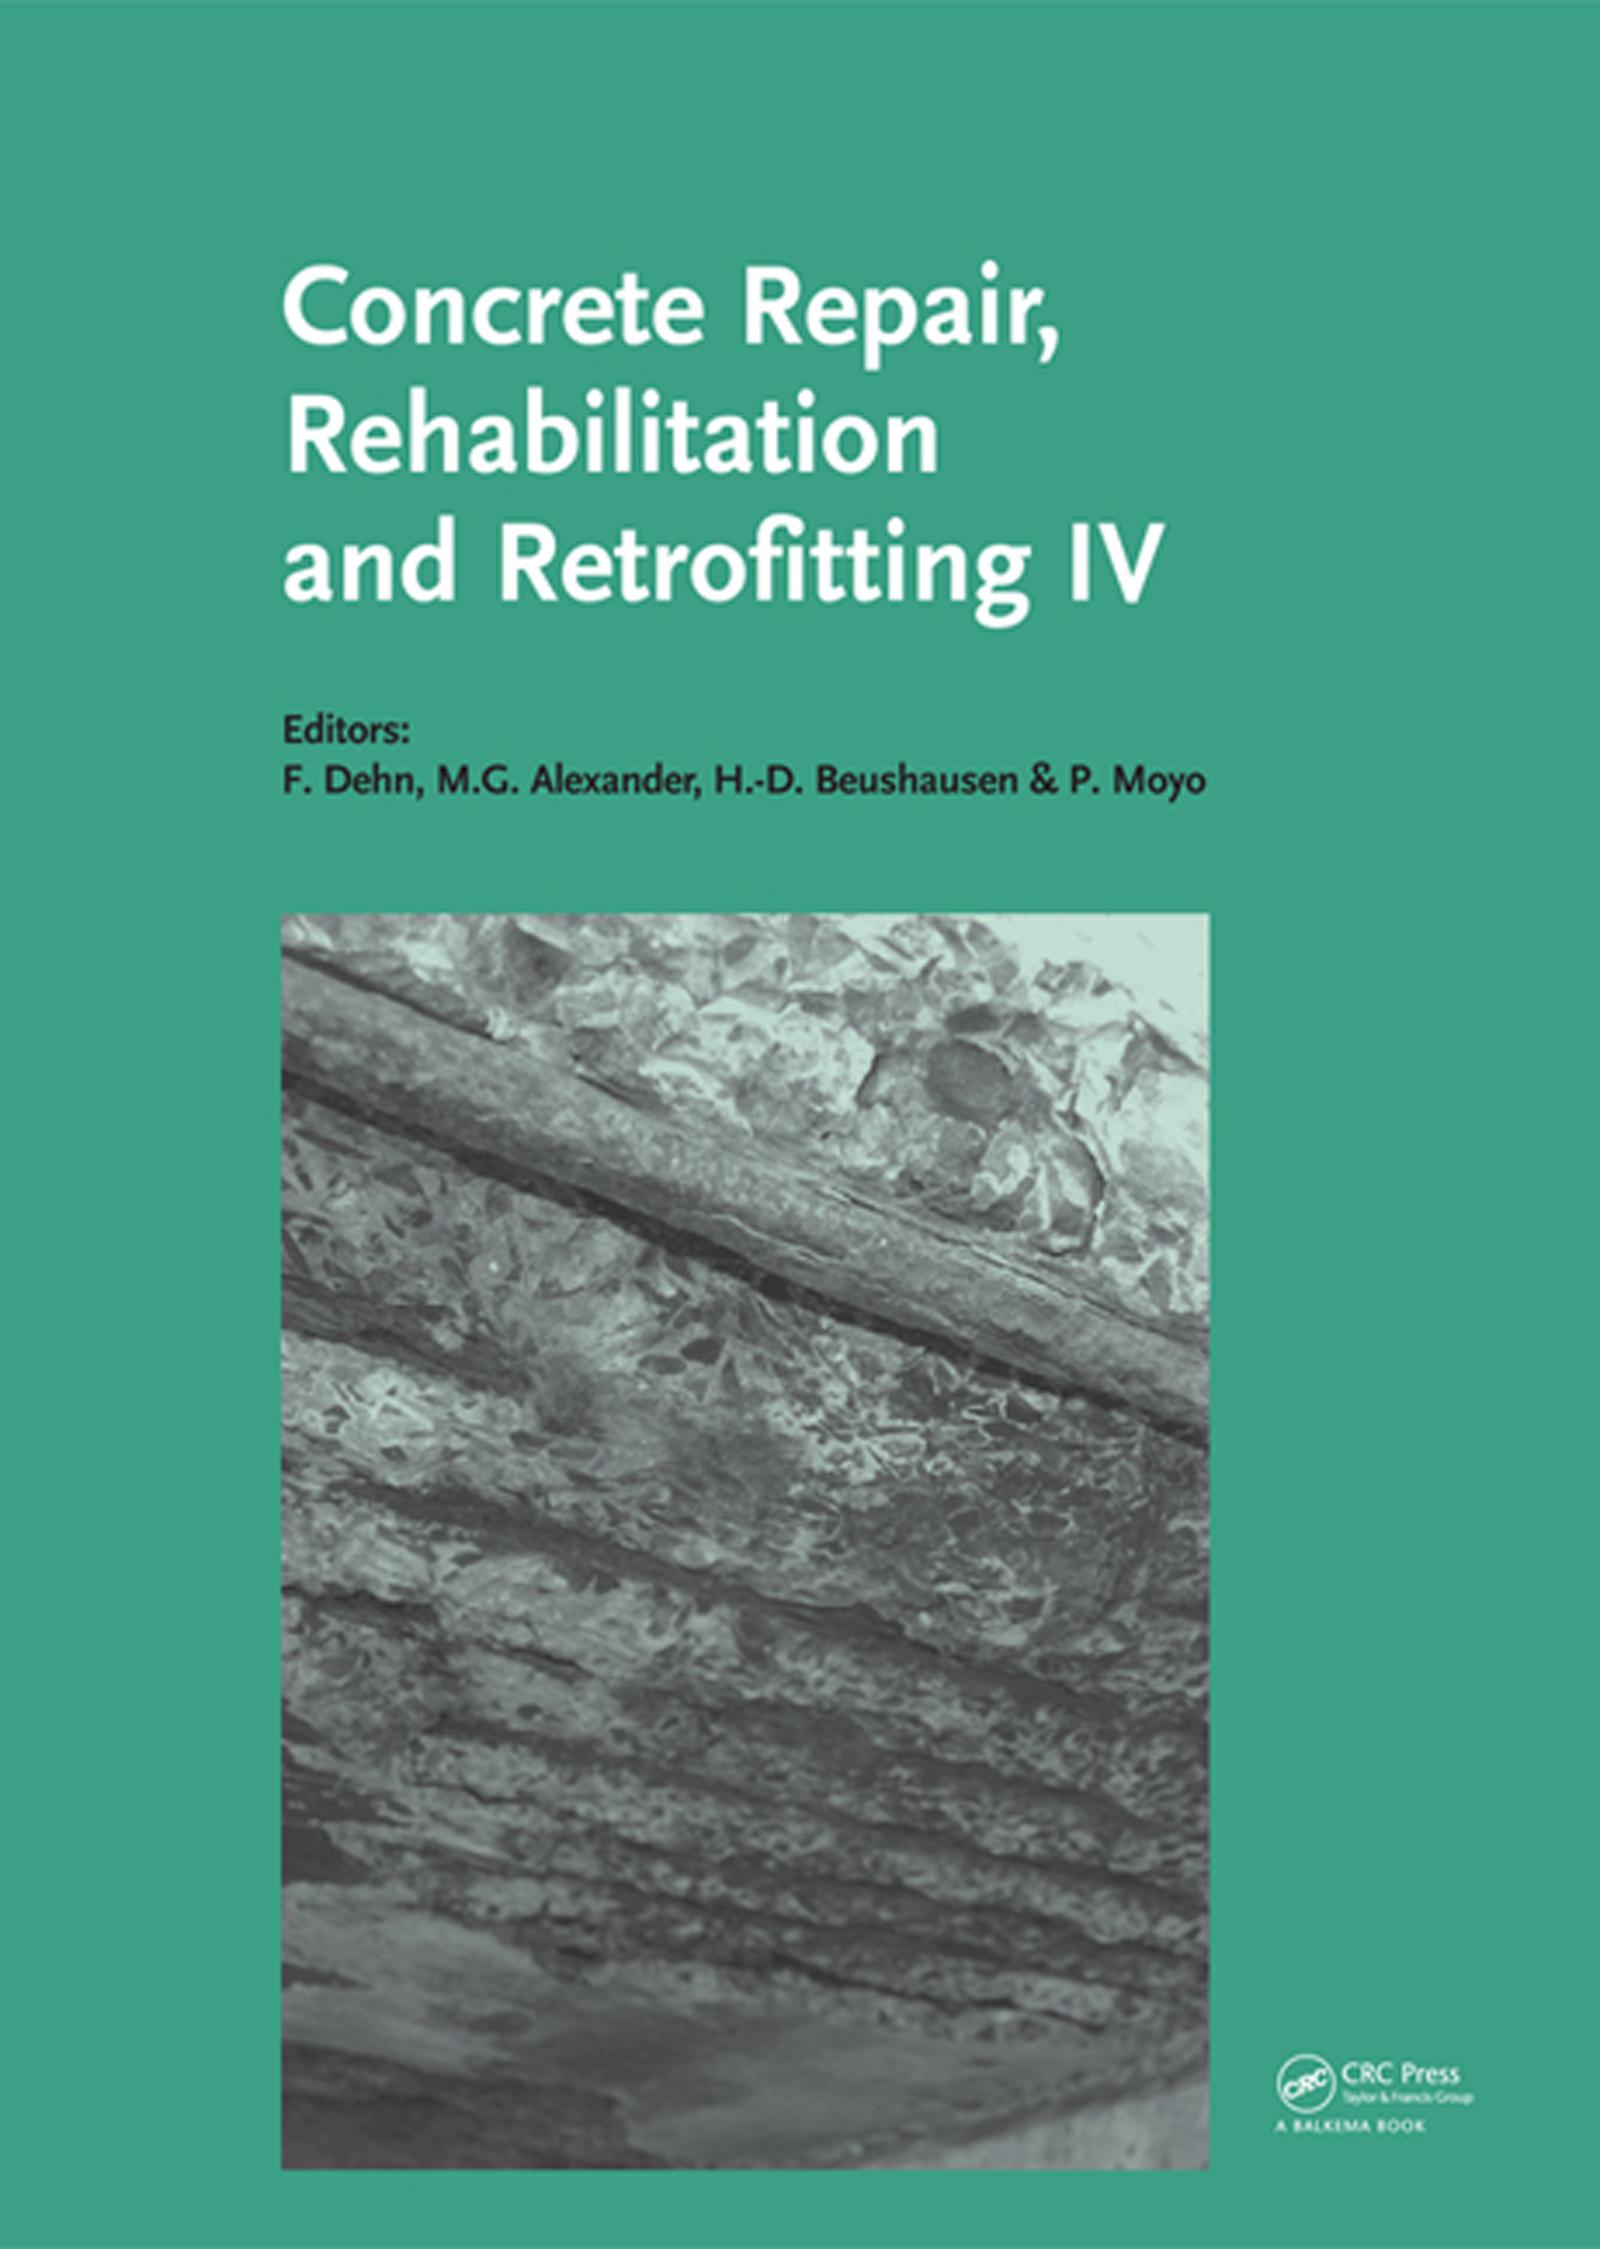 Concrete Repair, Rehabilitation and Retrofitting IV